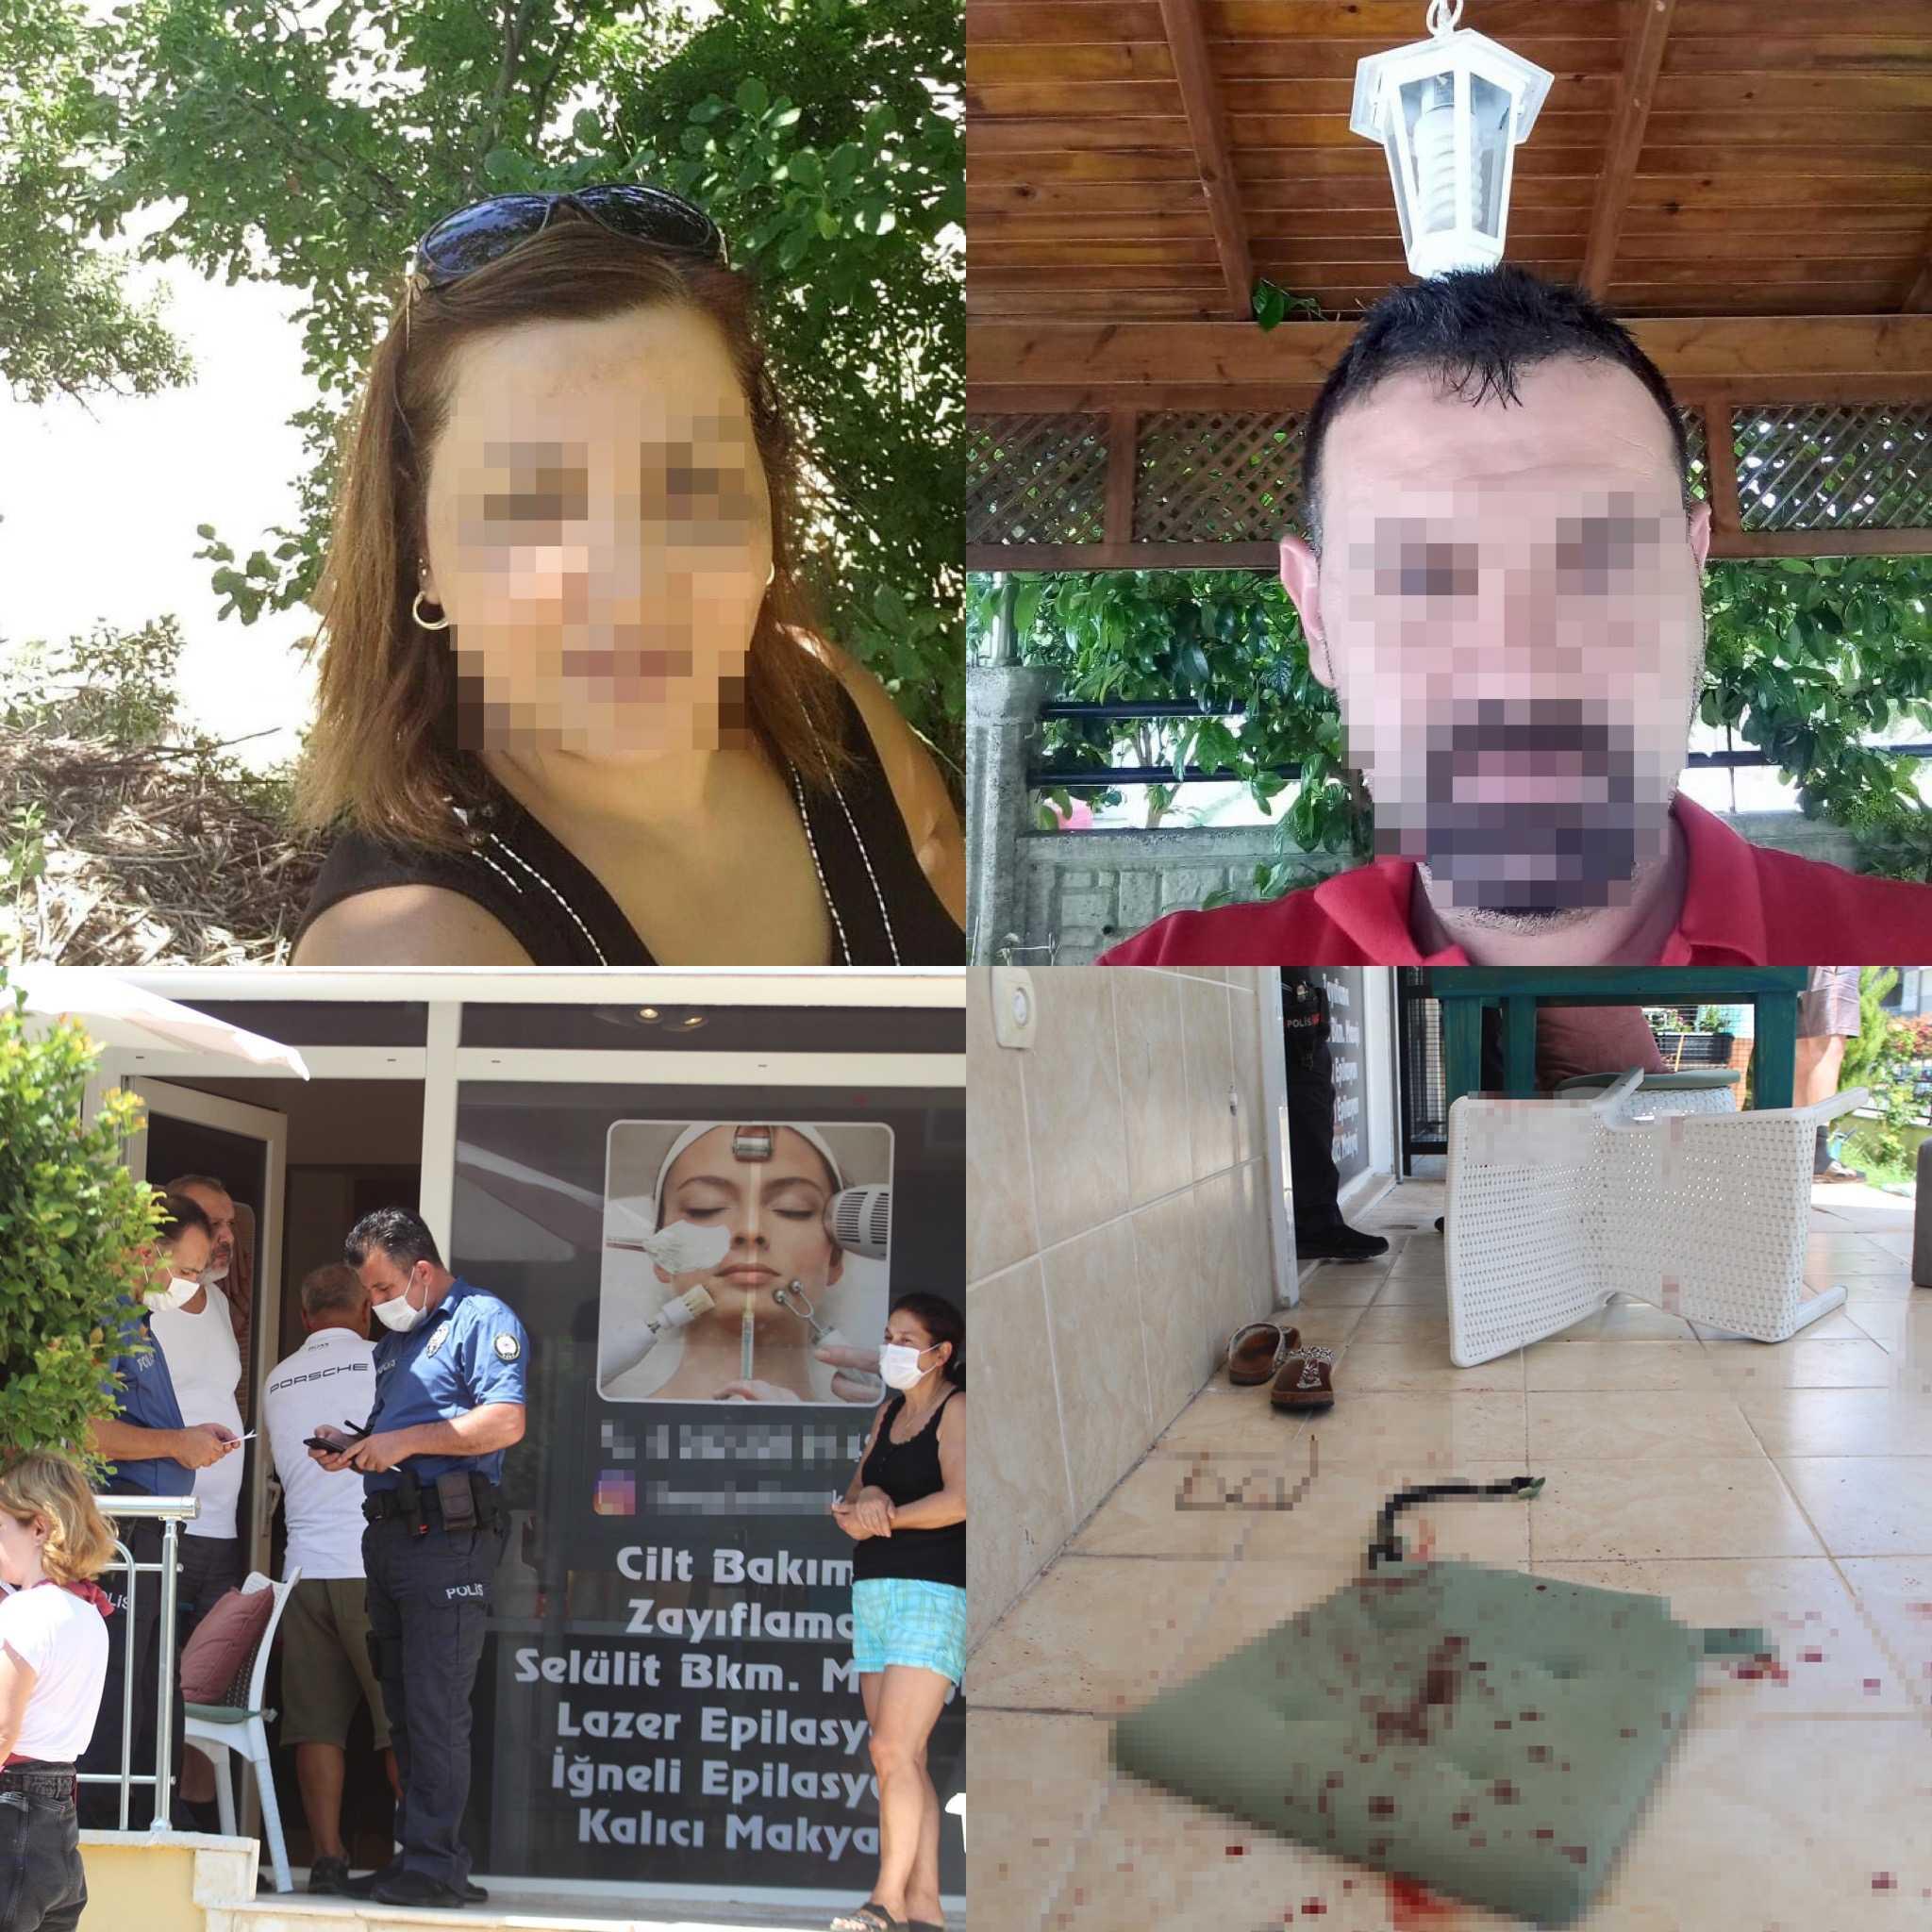 Antalya'da balkonda oturan kadına 3 bıçak darbesi